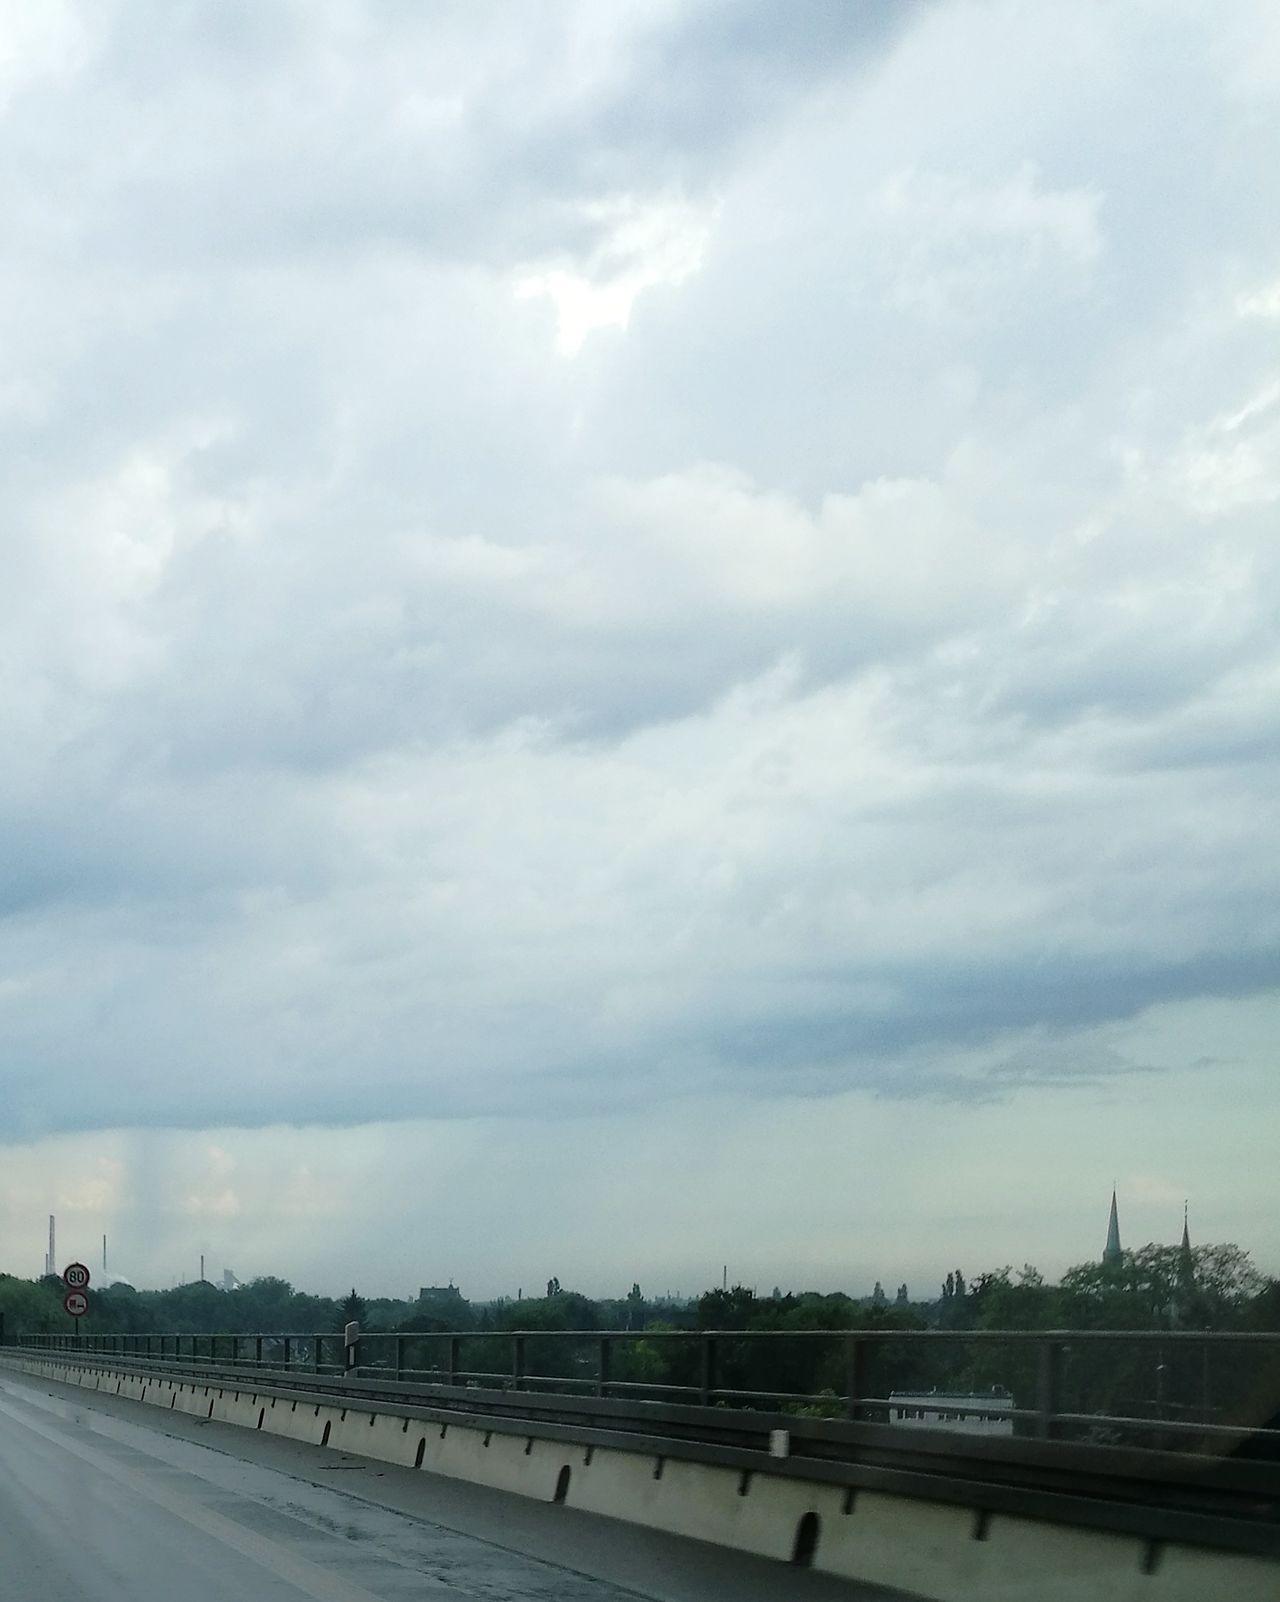 Regen fällt aus Wolken Cloud Clouds And Sky Cloud - Sky Clouds Cloudy Day Rainy Days Rain Rainy Day Raining RainyDay Regen Regenwolken Regenwetter Regenwolke Wasser Himmel Und Wolken No People Sky Outdoors Day Duisburg